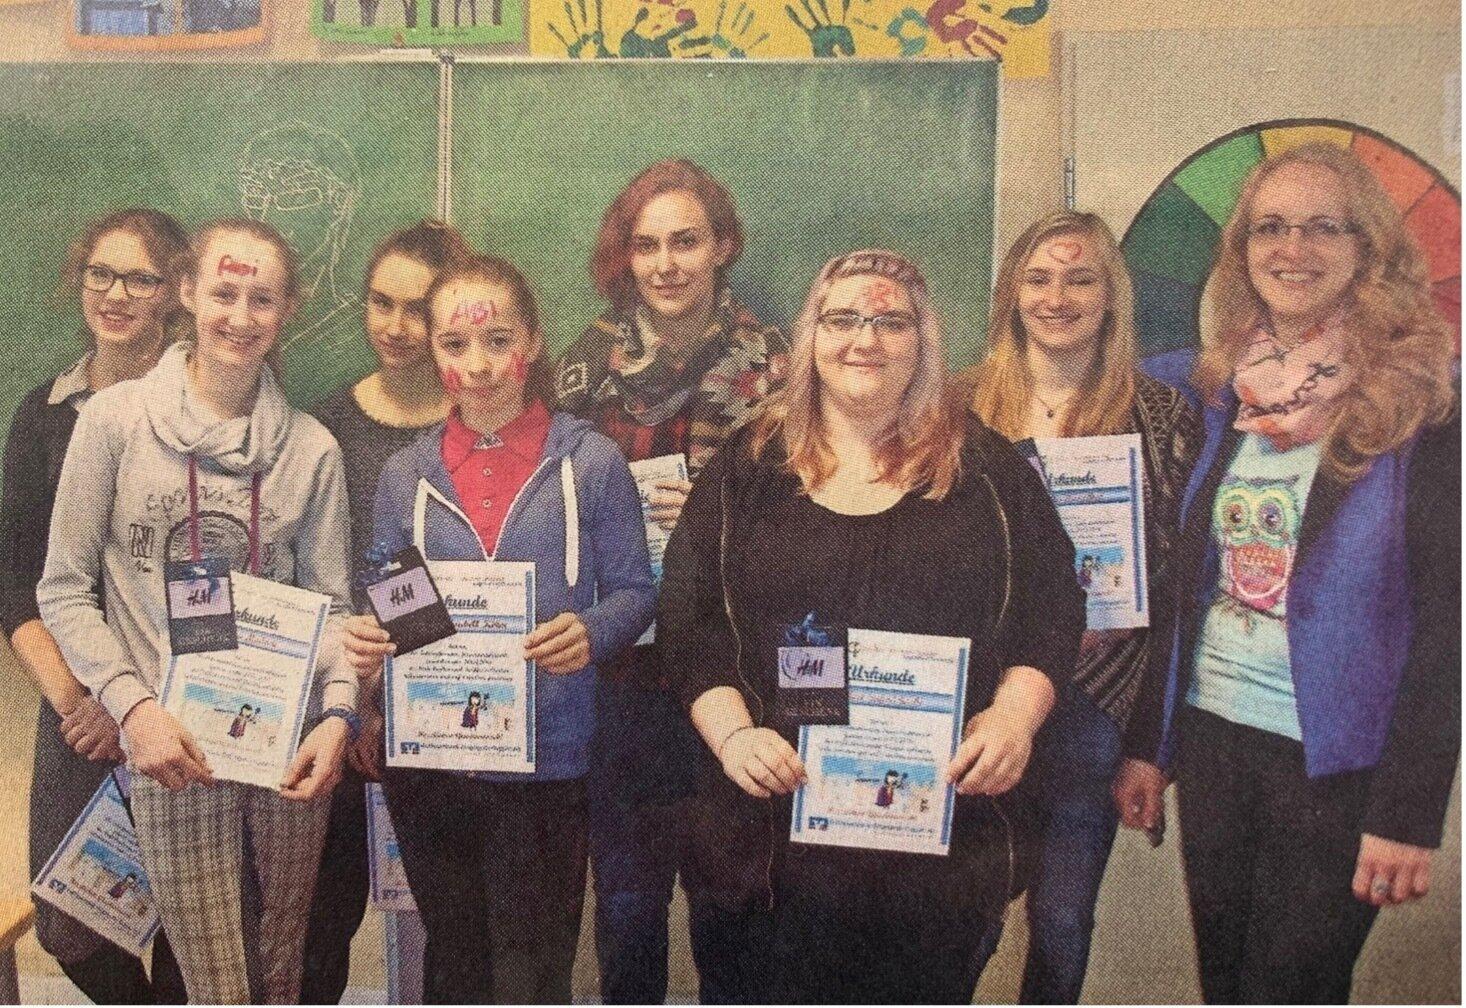 Übergabe der Gewinne an die Schüler in der Prinz-von-Homburg-Schule Neustadt (Dosse)